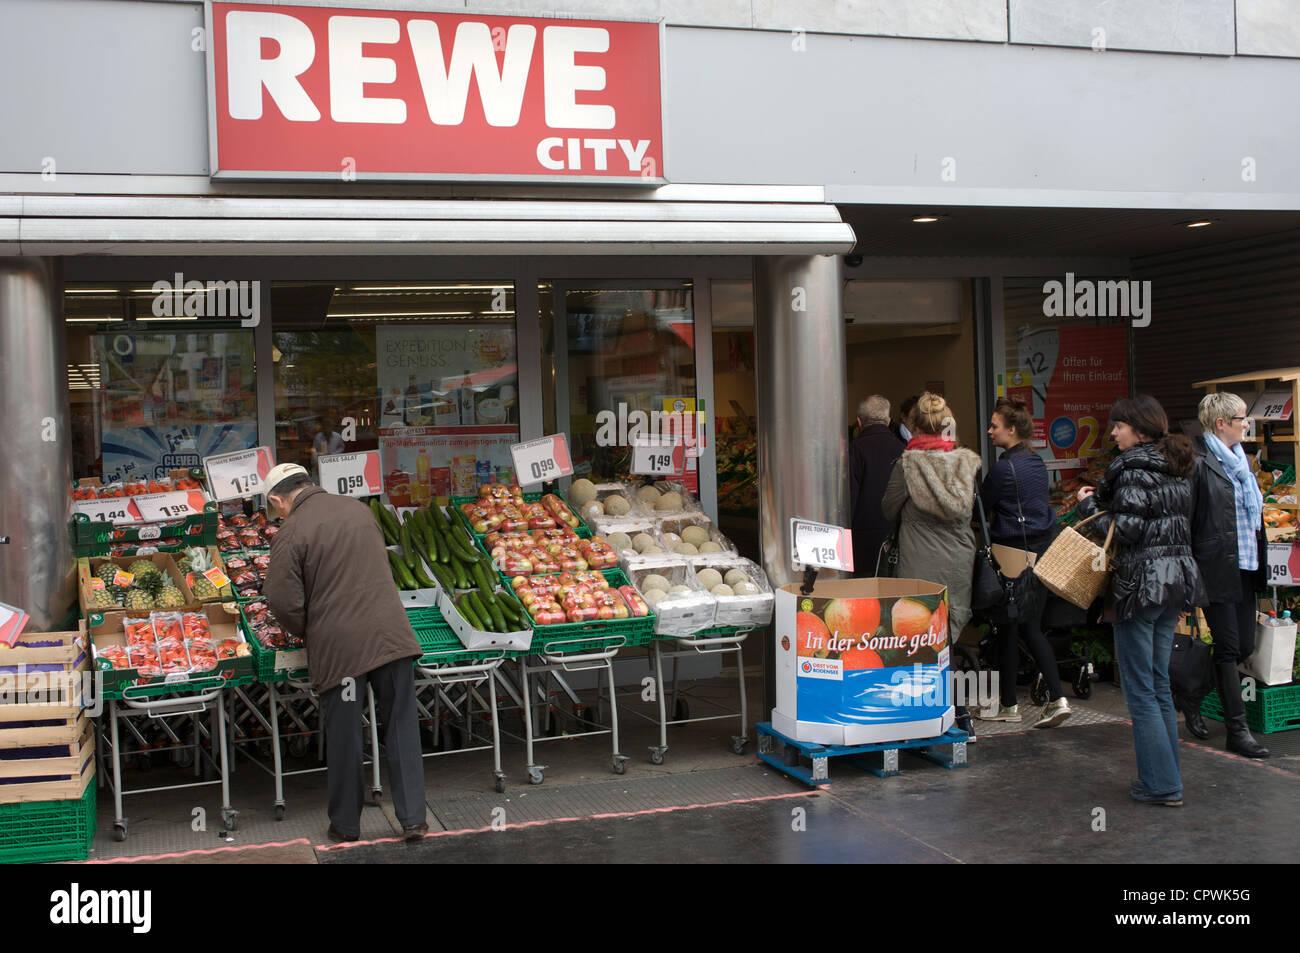 rewe city hamburg